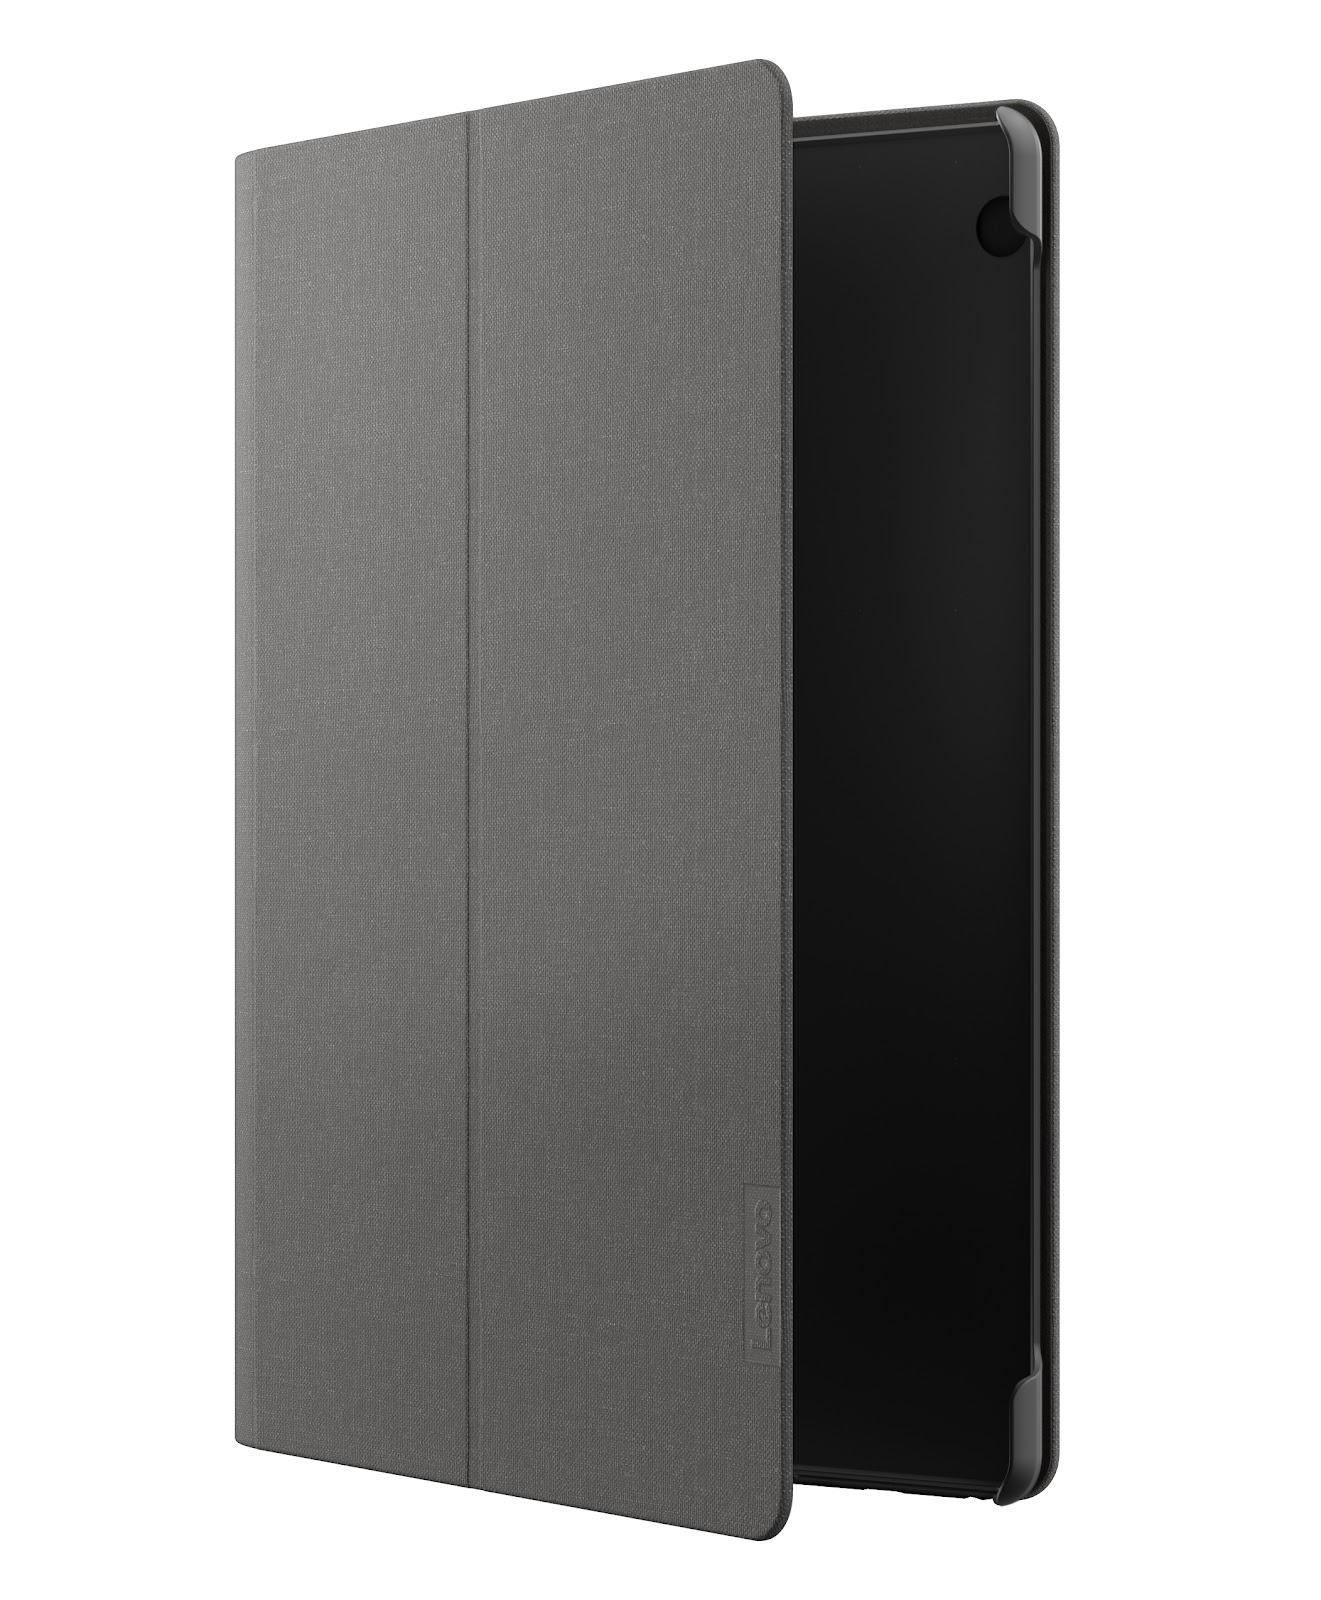 Фото 1. Чехол Lenovo Tab M10 HD Folio Case/Film Black (ZG38C02761)